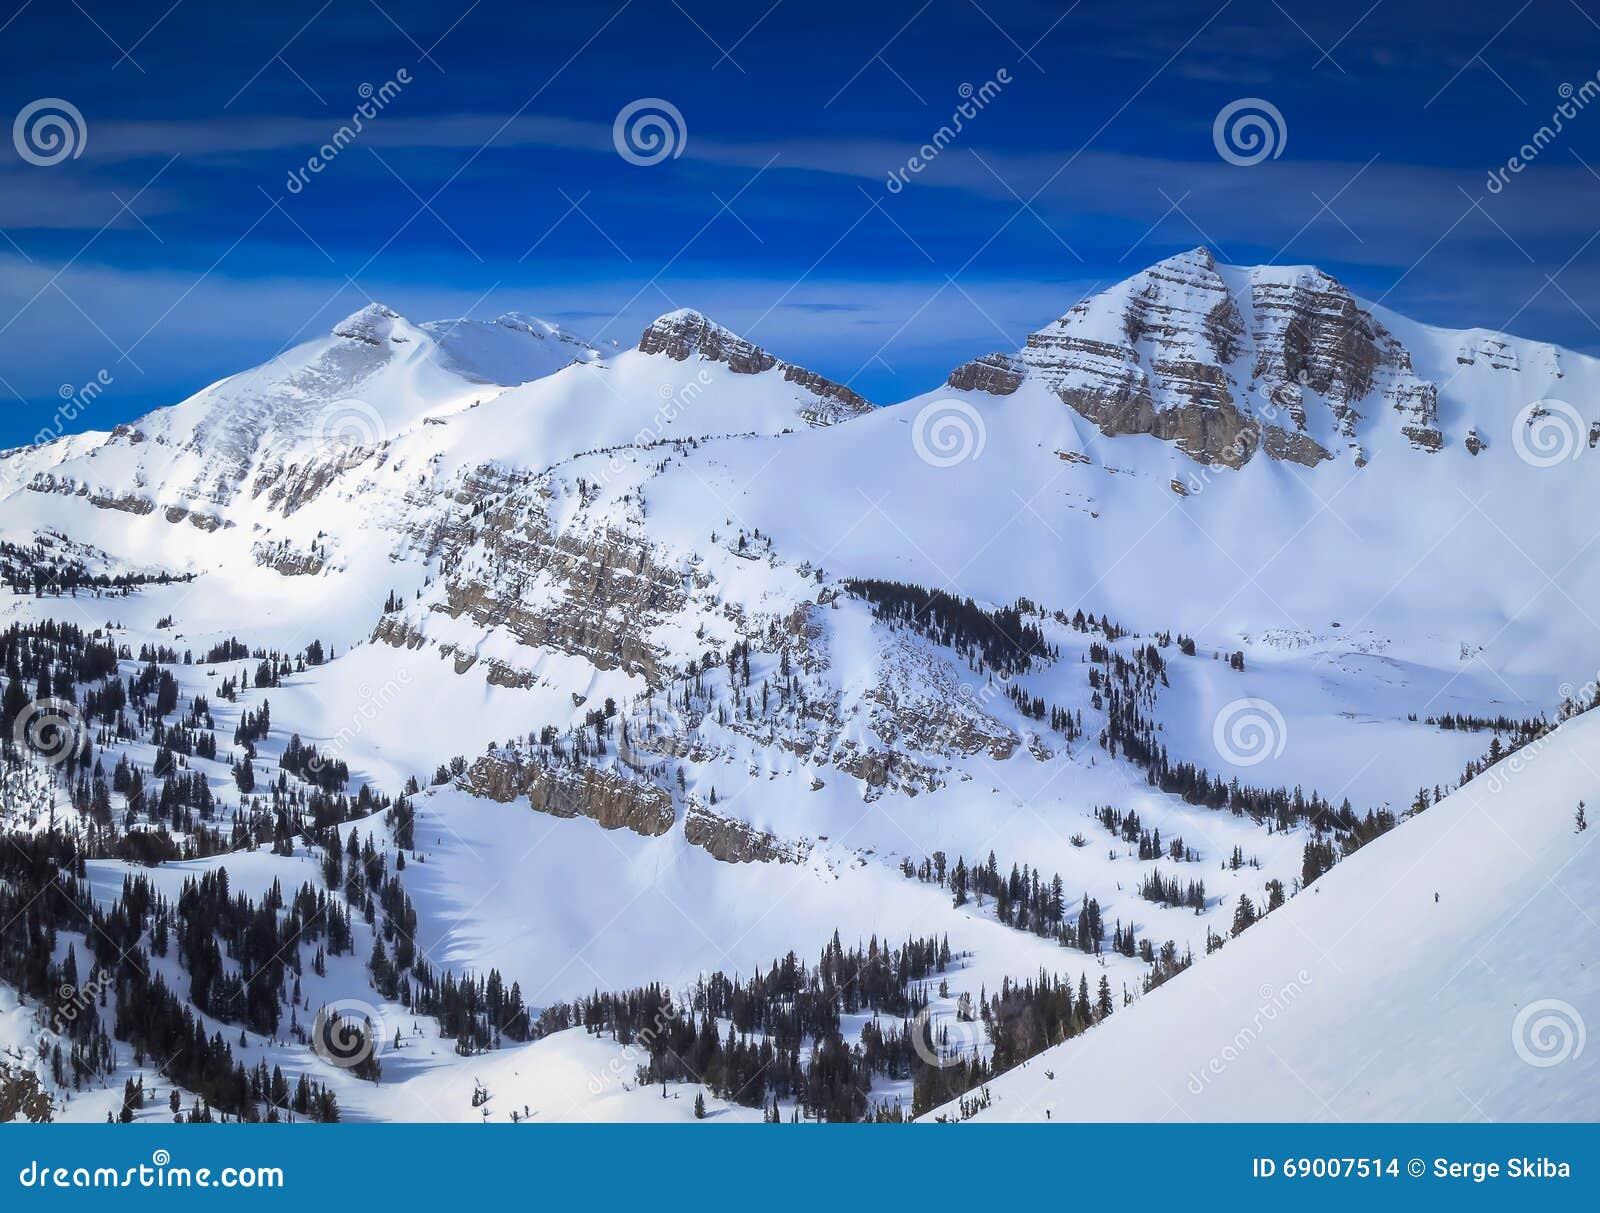 jackson hole, wyoming winter stock photo - image of background